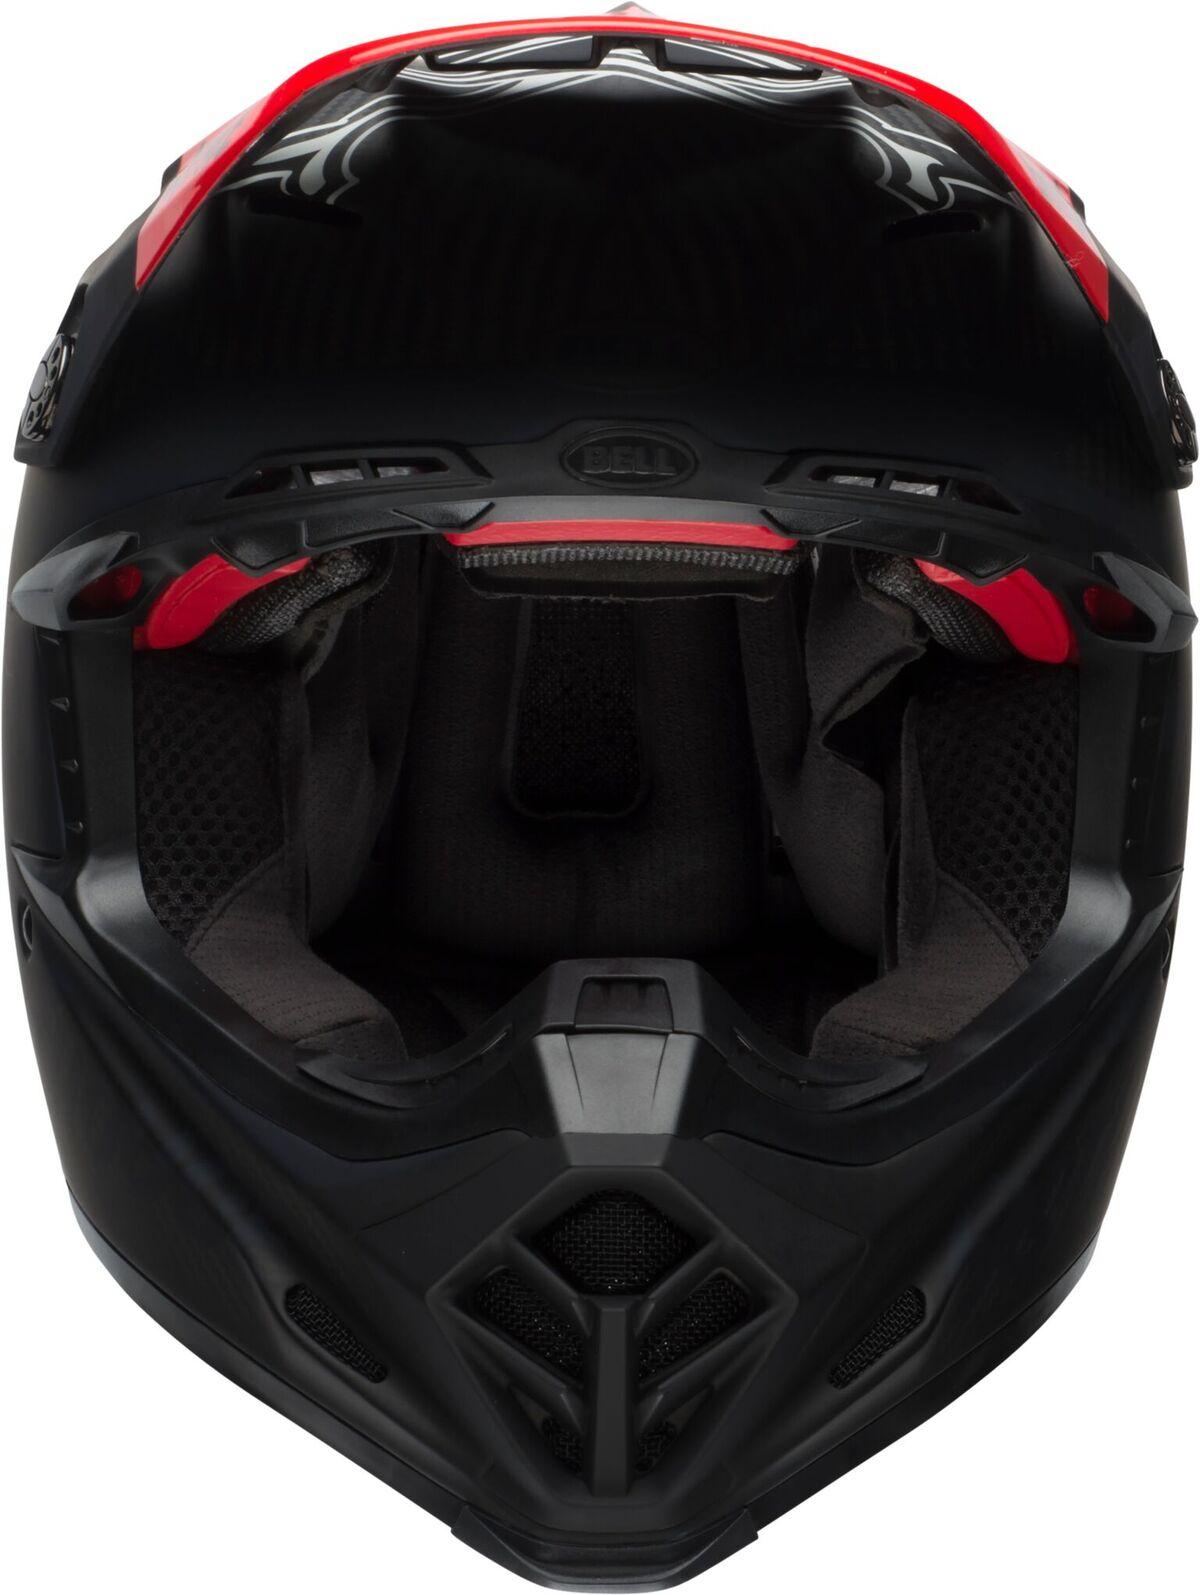 bell helmets moto 9 flex dirt helmet fasthouse day in the dirt matte gloss black